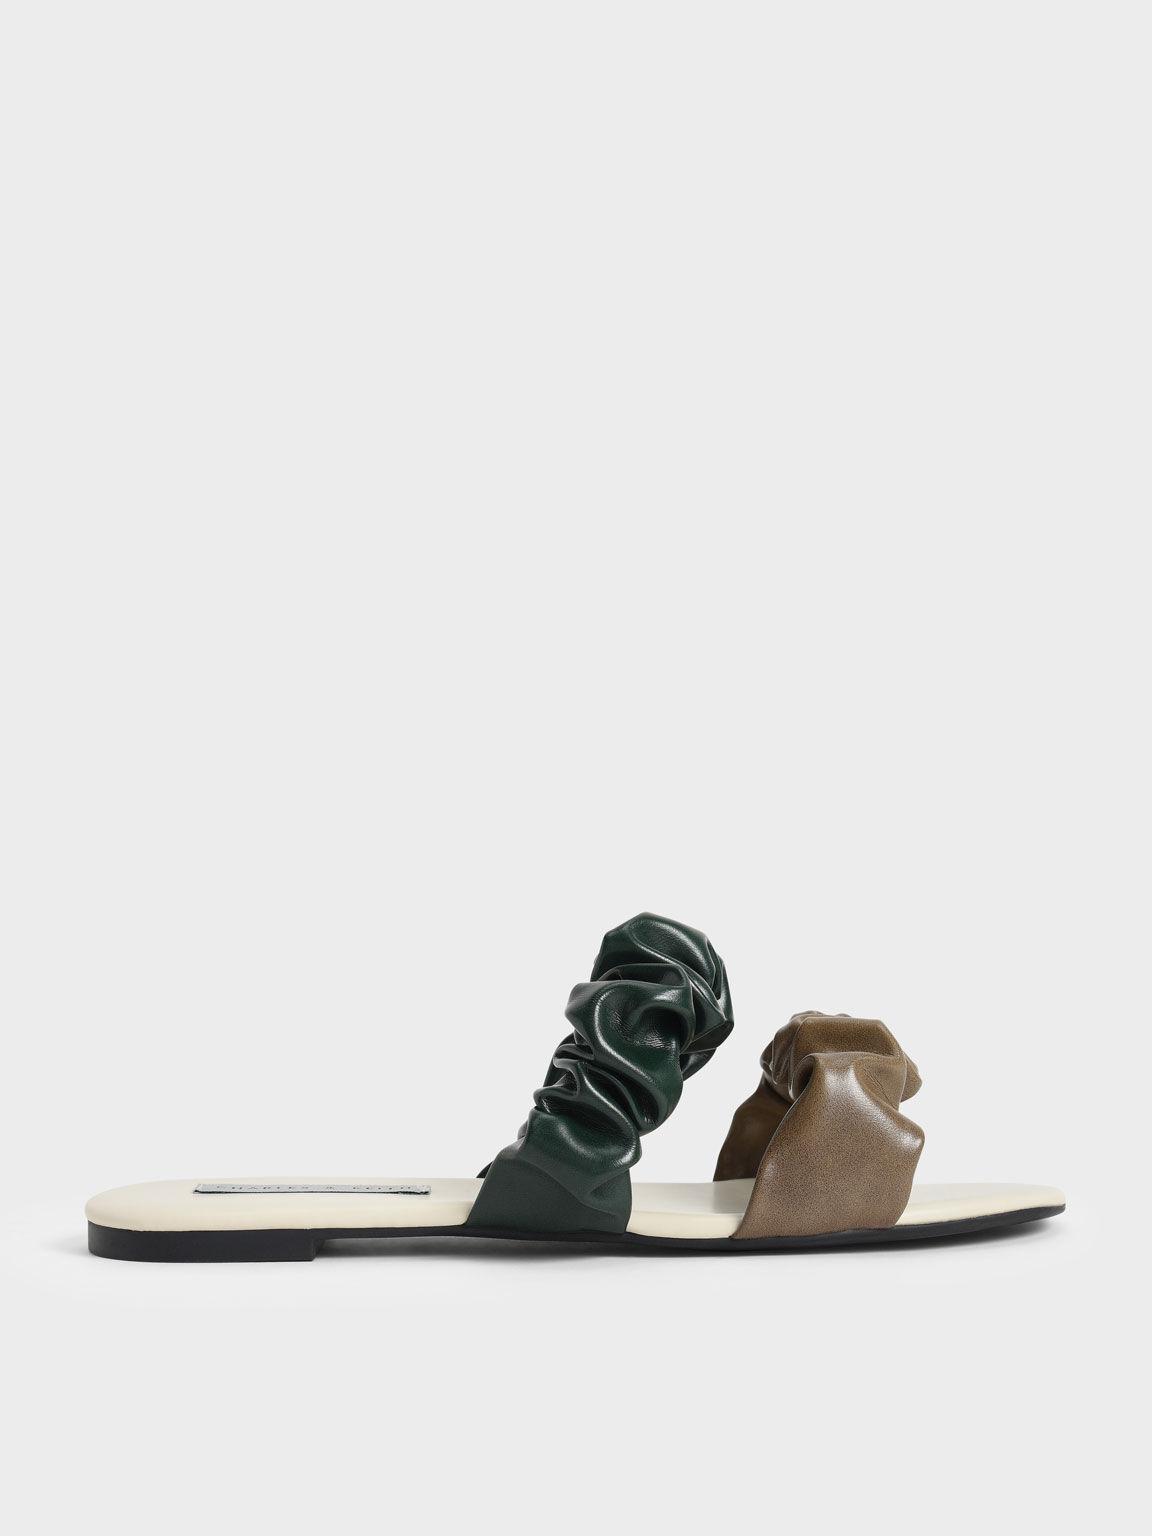 撞色抓皺雙帶拖鞋, 橄欖色, hi-res